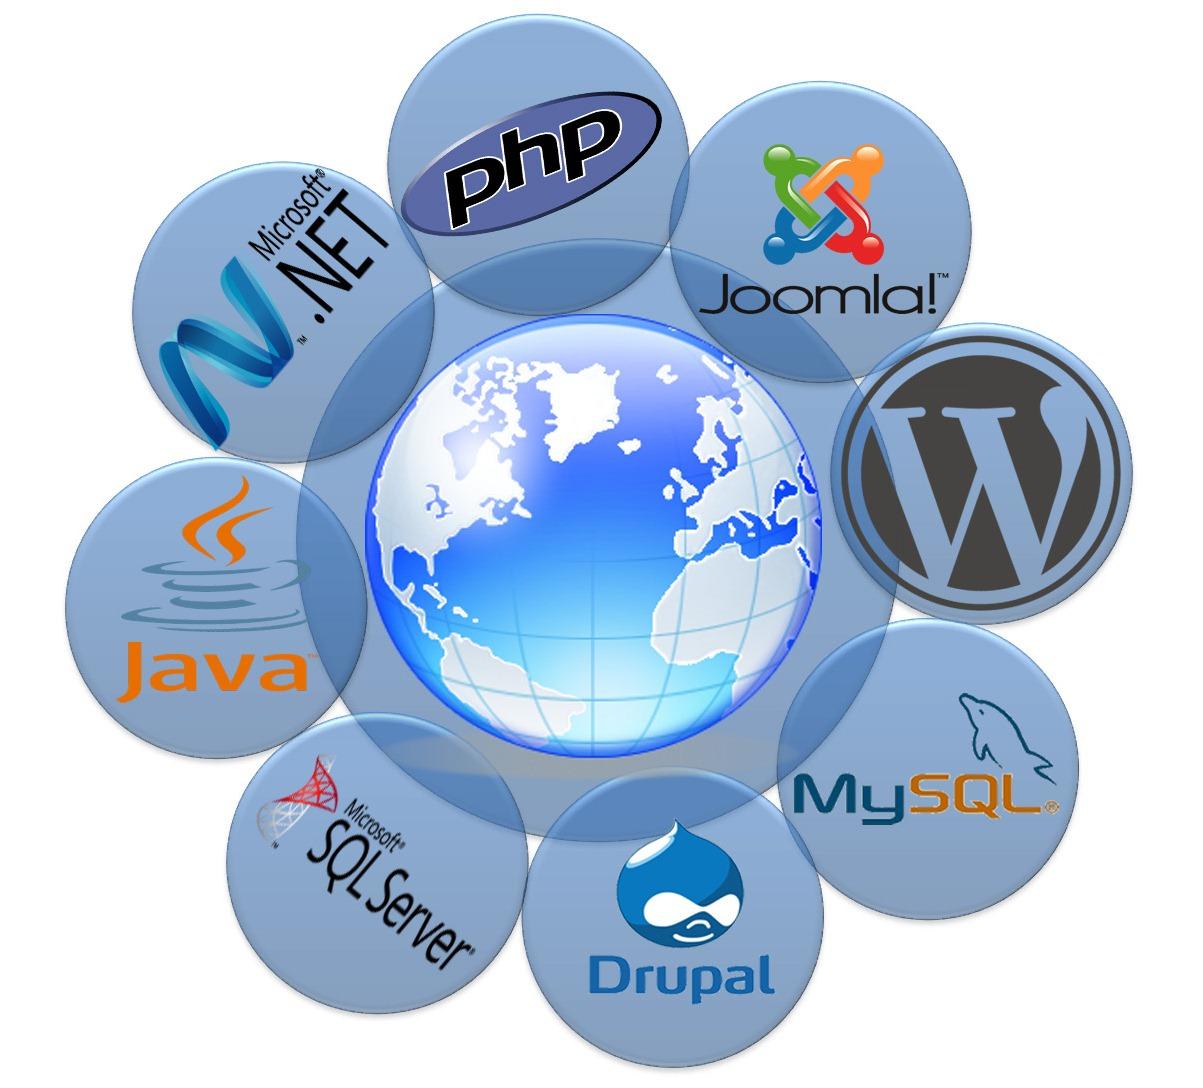 Web Development - مفاهیم کلی وب سایت - طراحی سایت